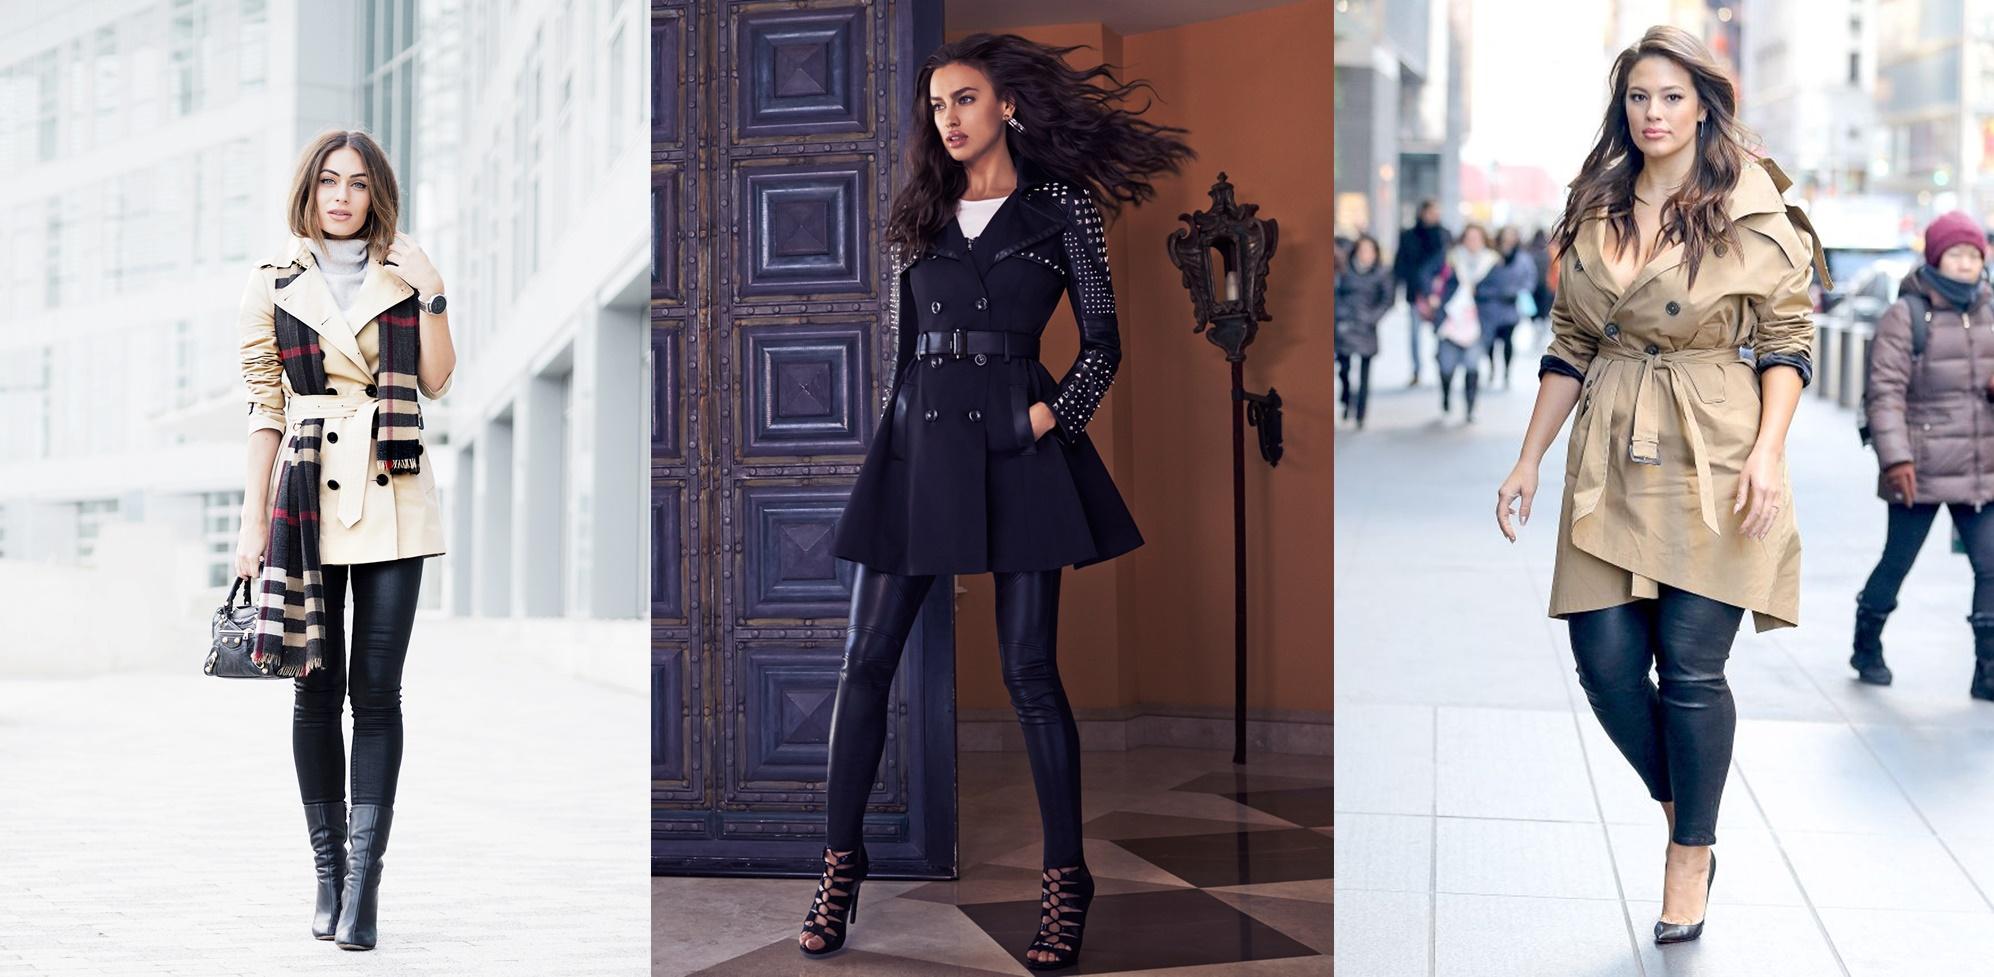 Legging fica super estilosa com o casaco